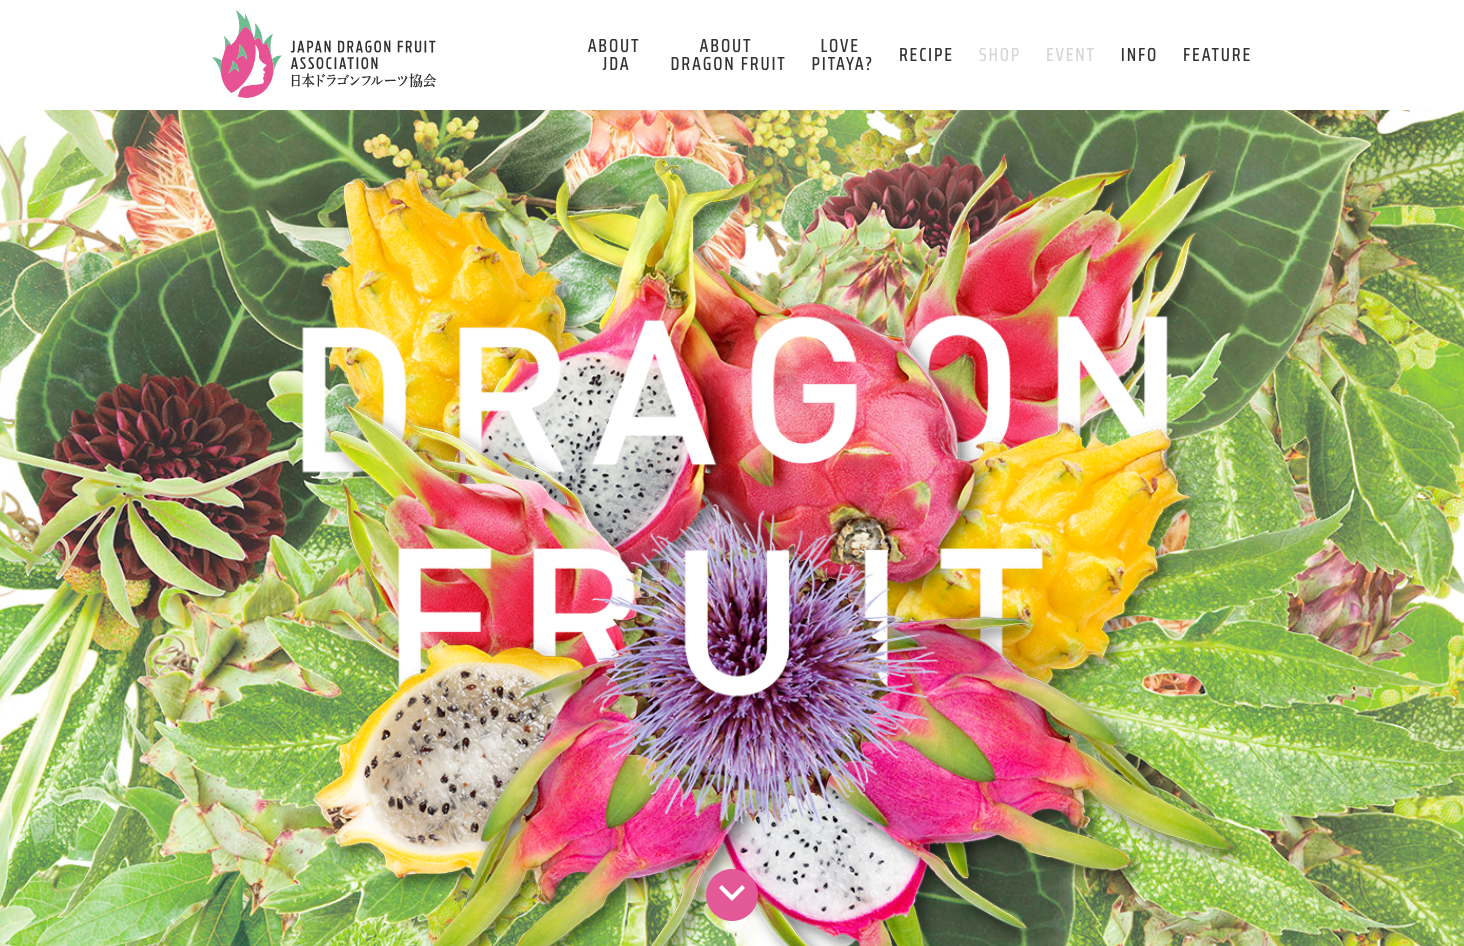 日本ドラゴンフルーツ協会